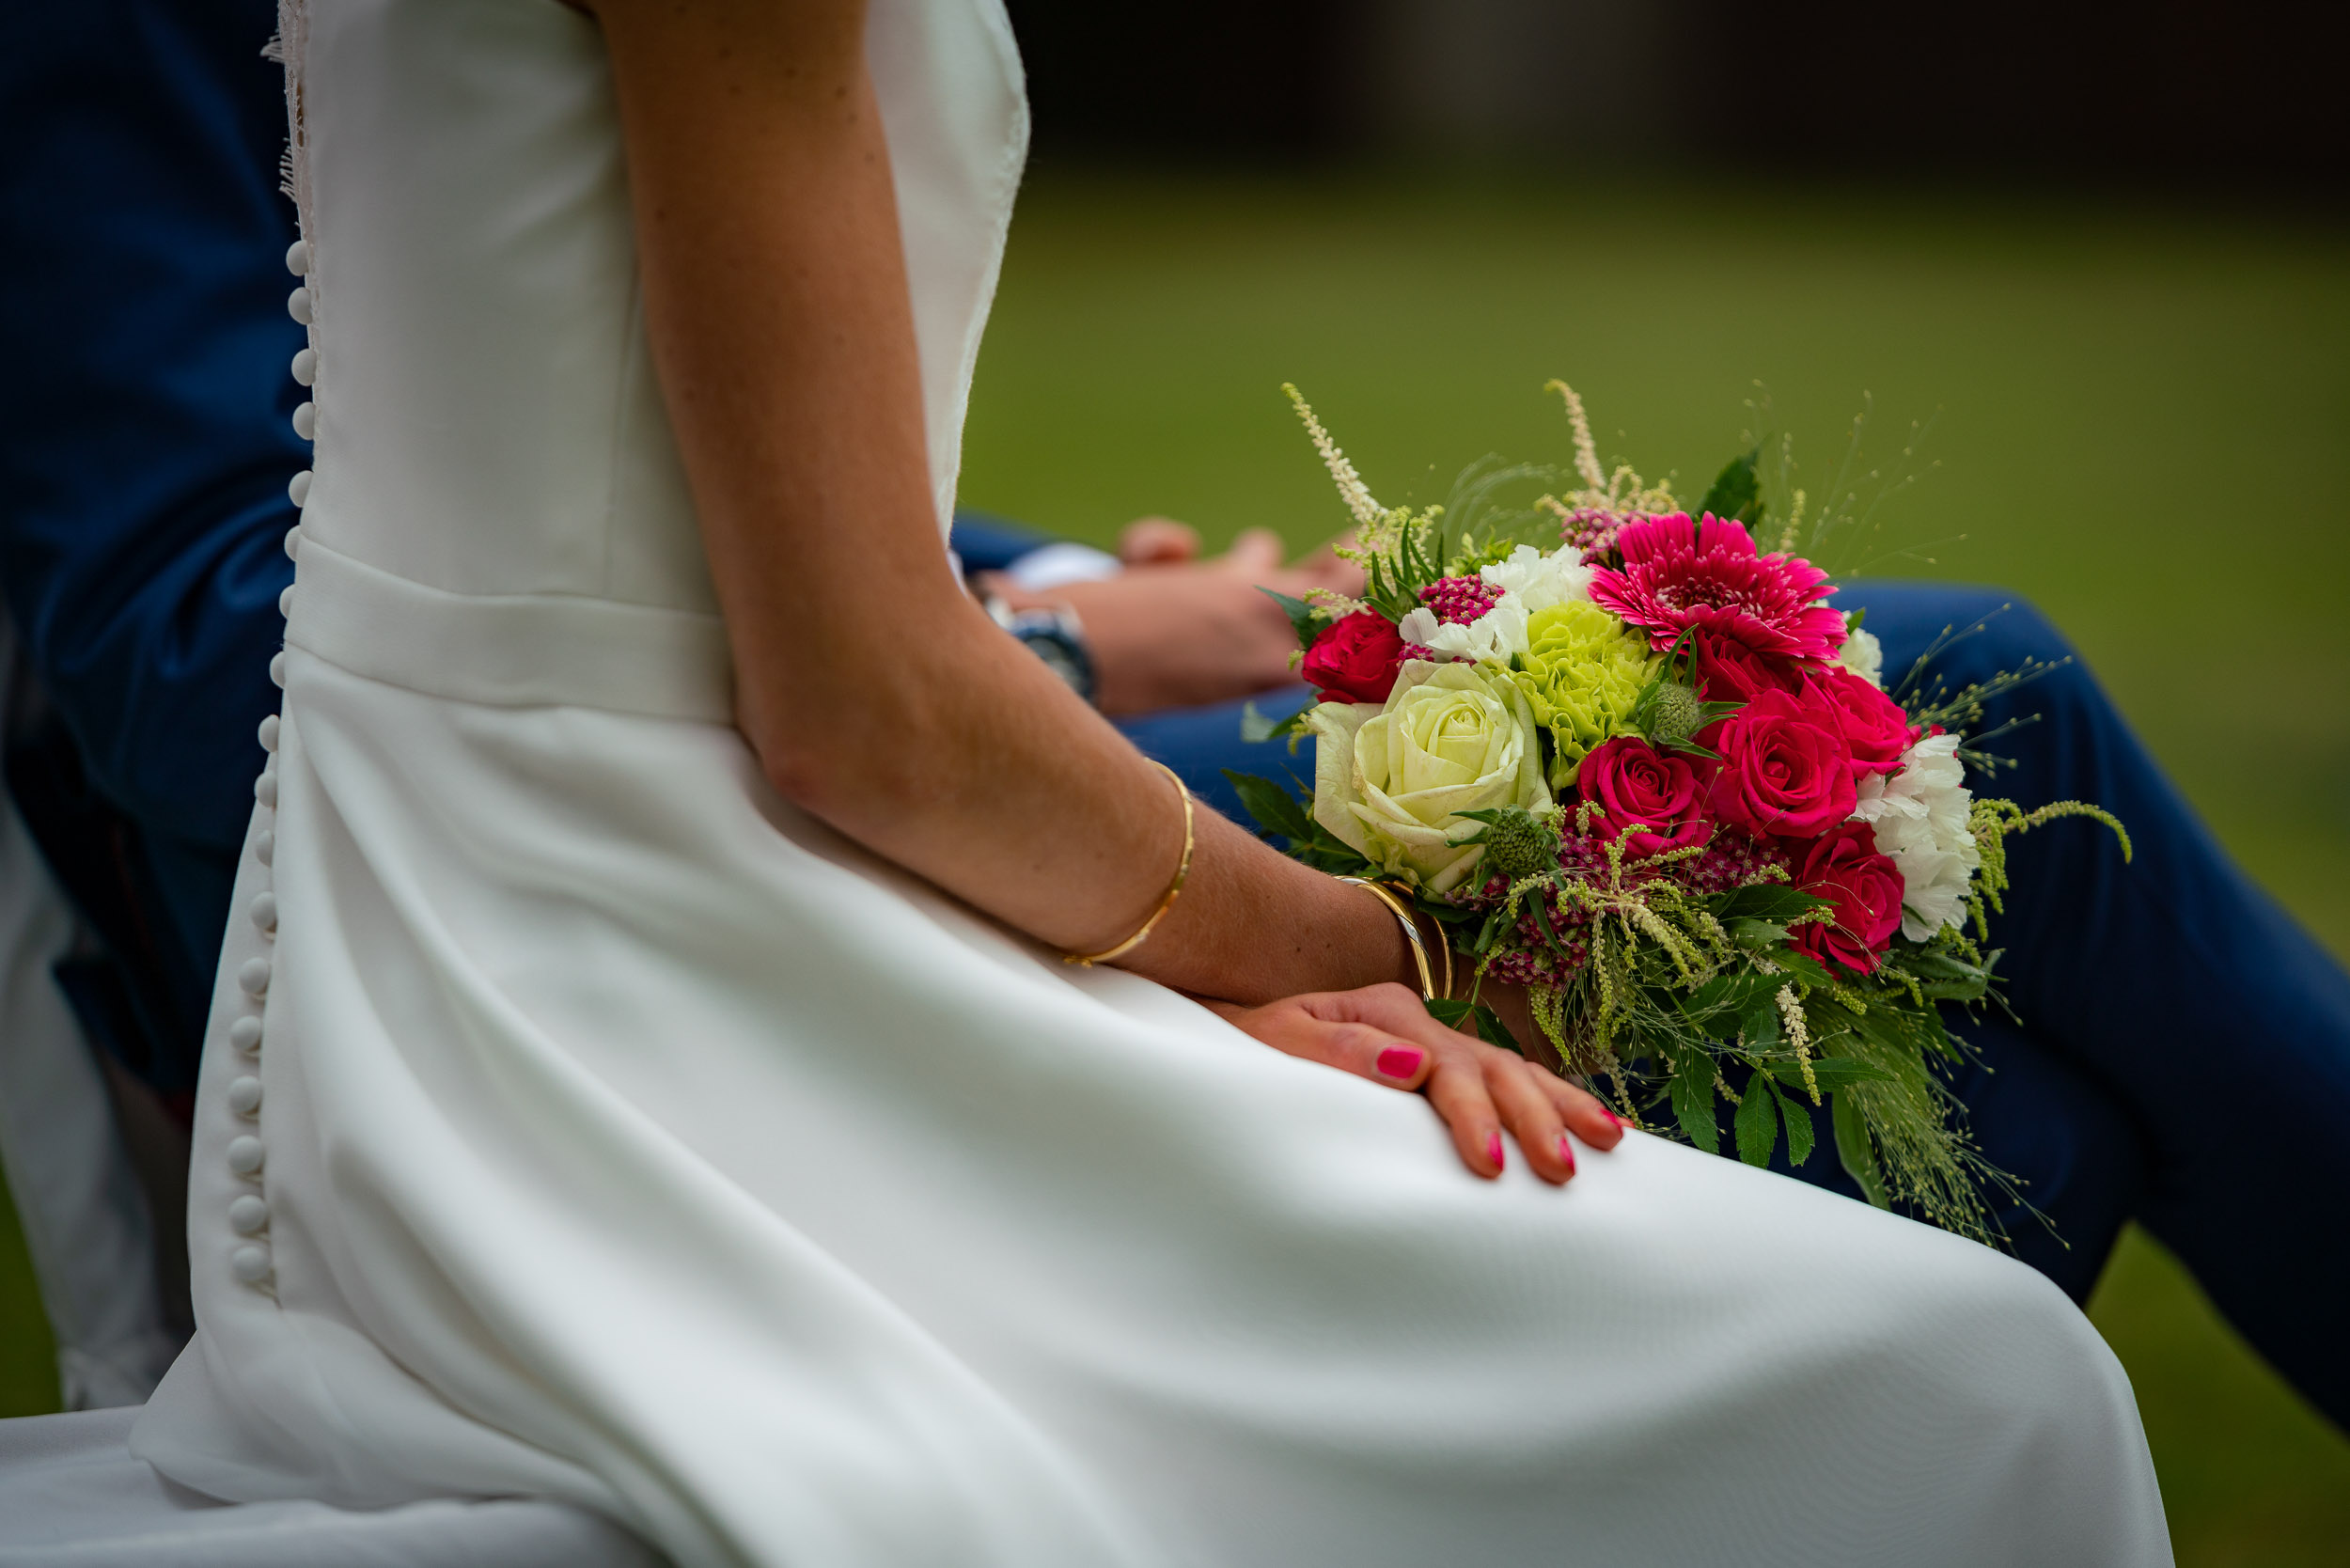 Wedding photo taken near Brussels